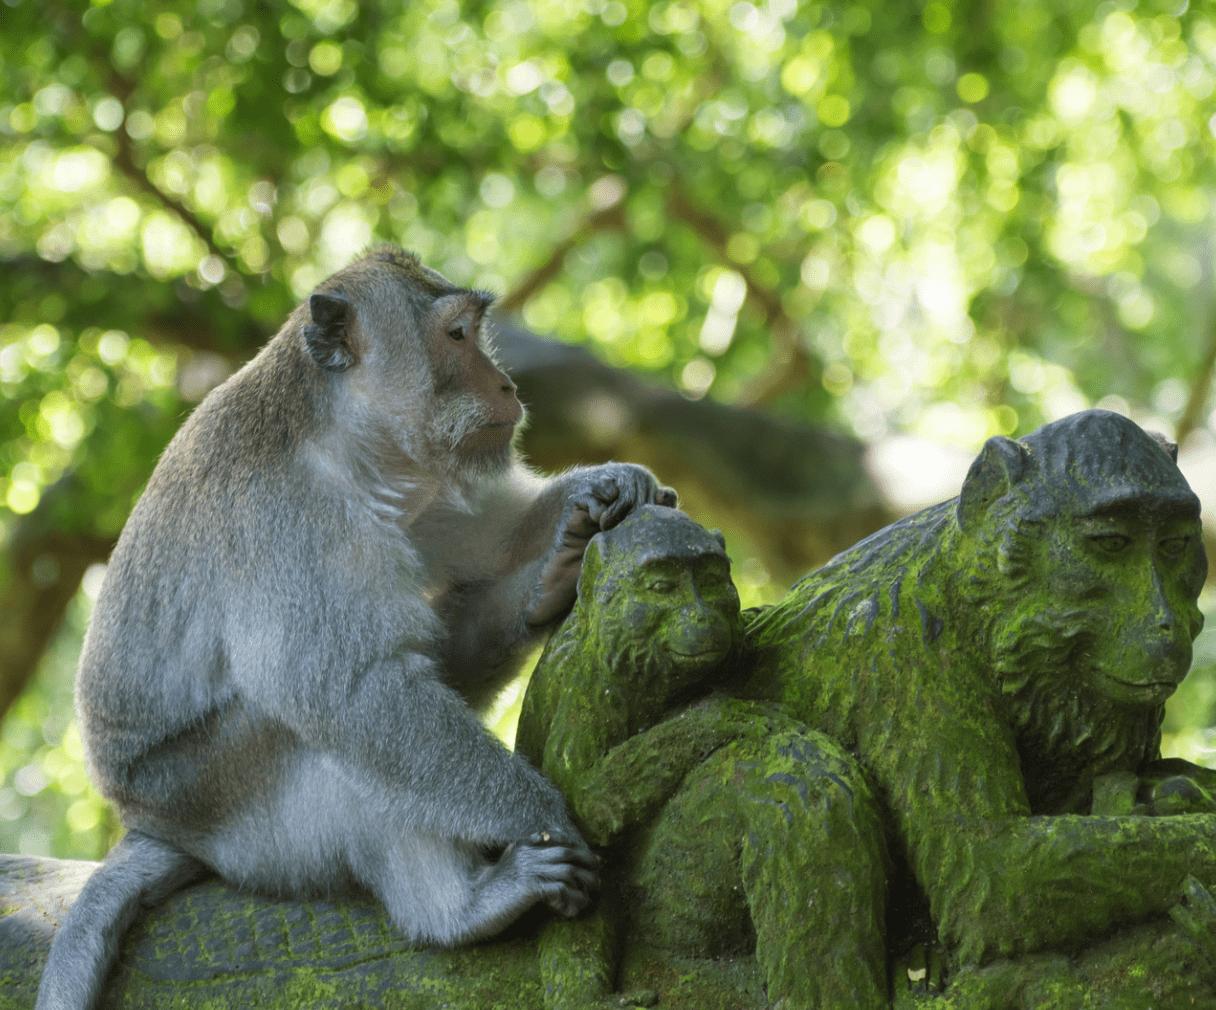 Monkeys on wall